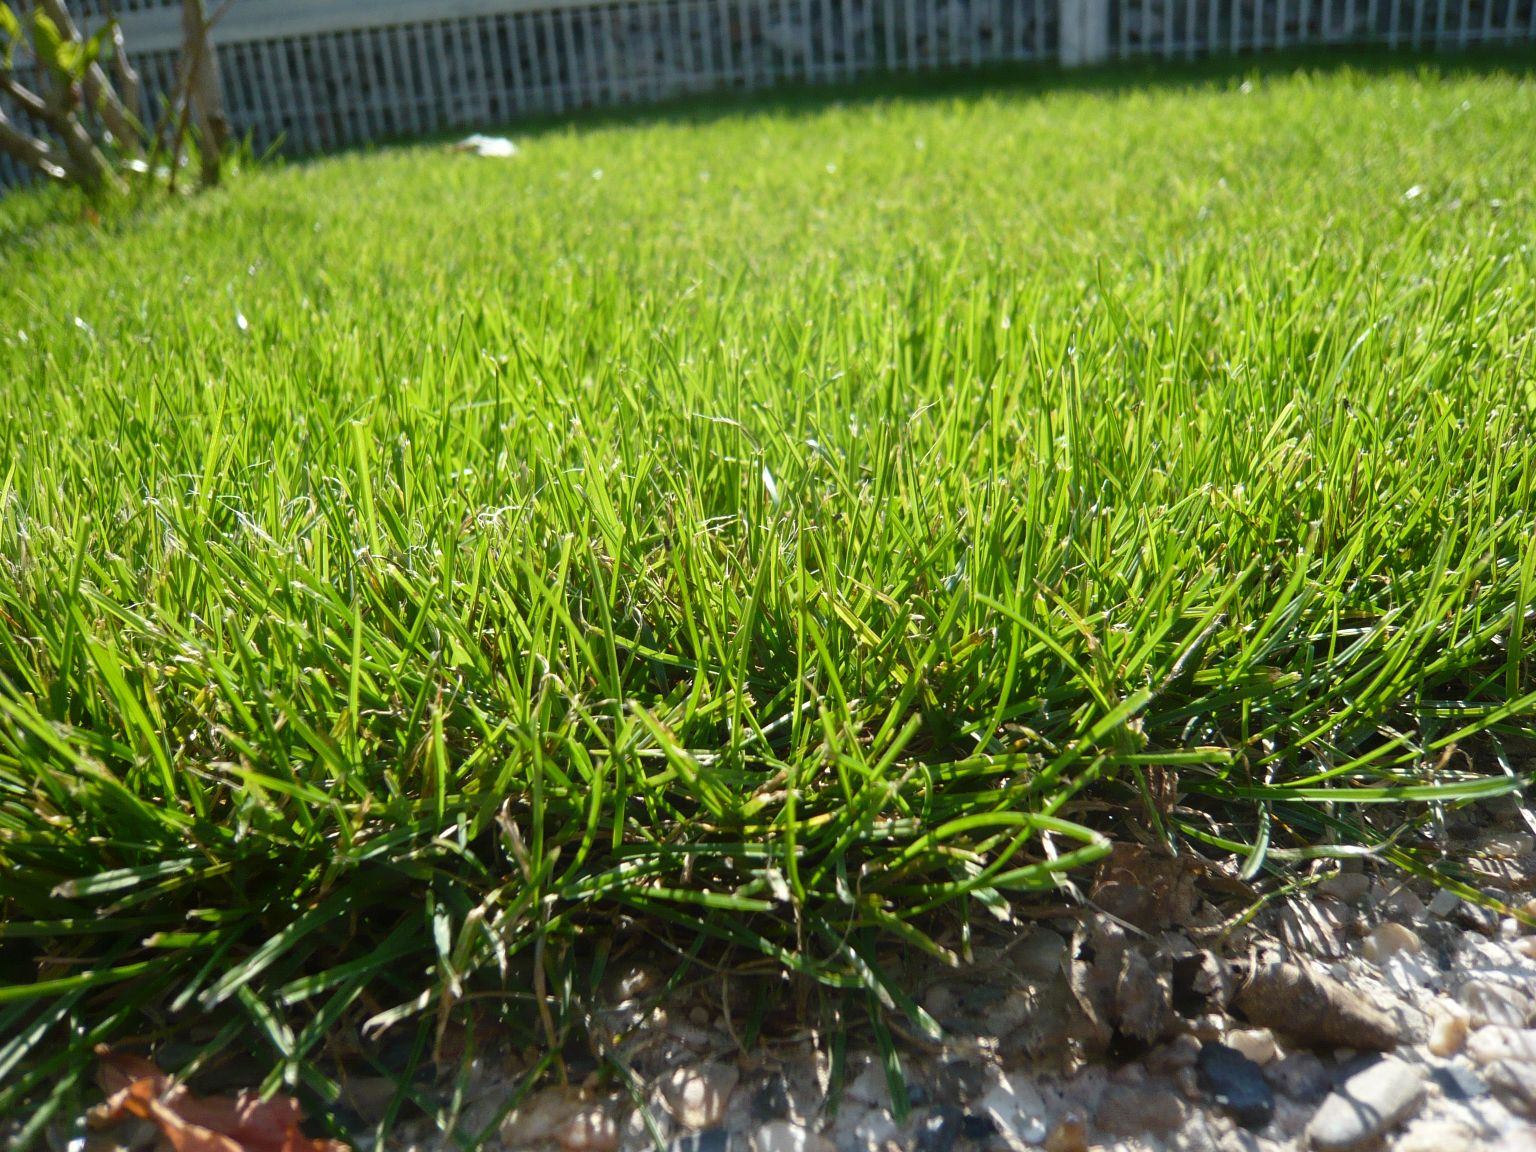 v-nekterych-minimalistickych-zahradach-byva-kompozice-opravdu-jednoducha-zalozena-na-travniku-a-soliternich-stromech.jpg